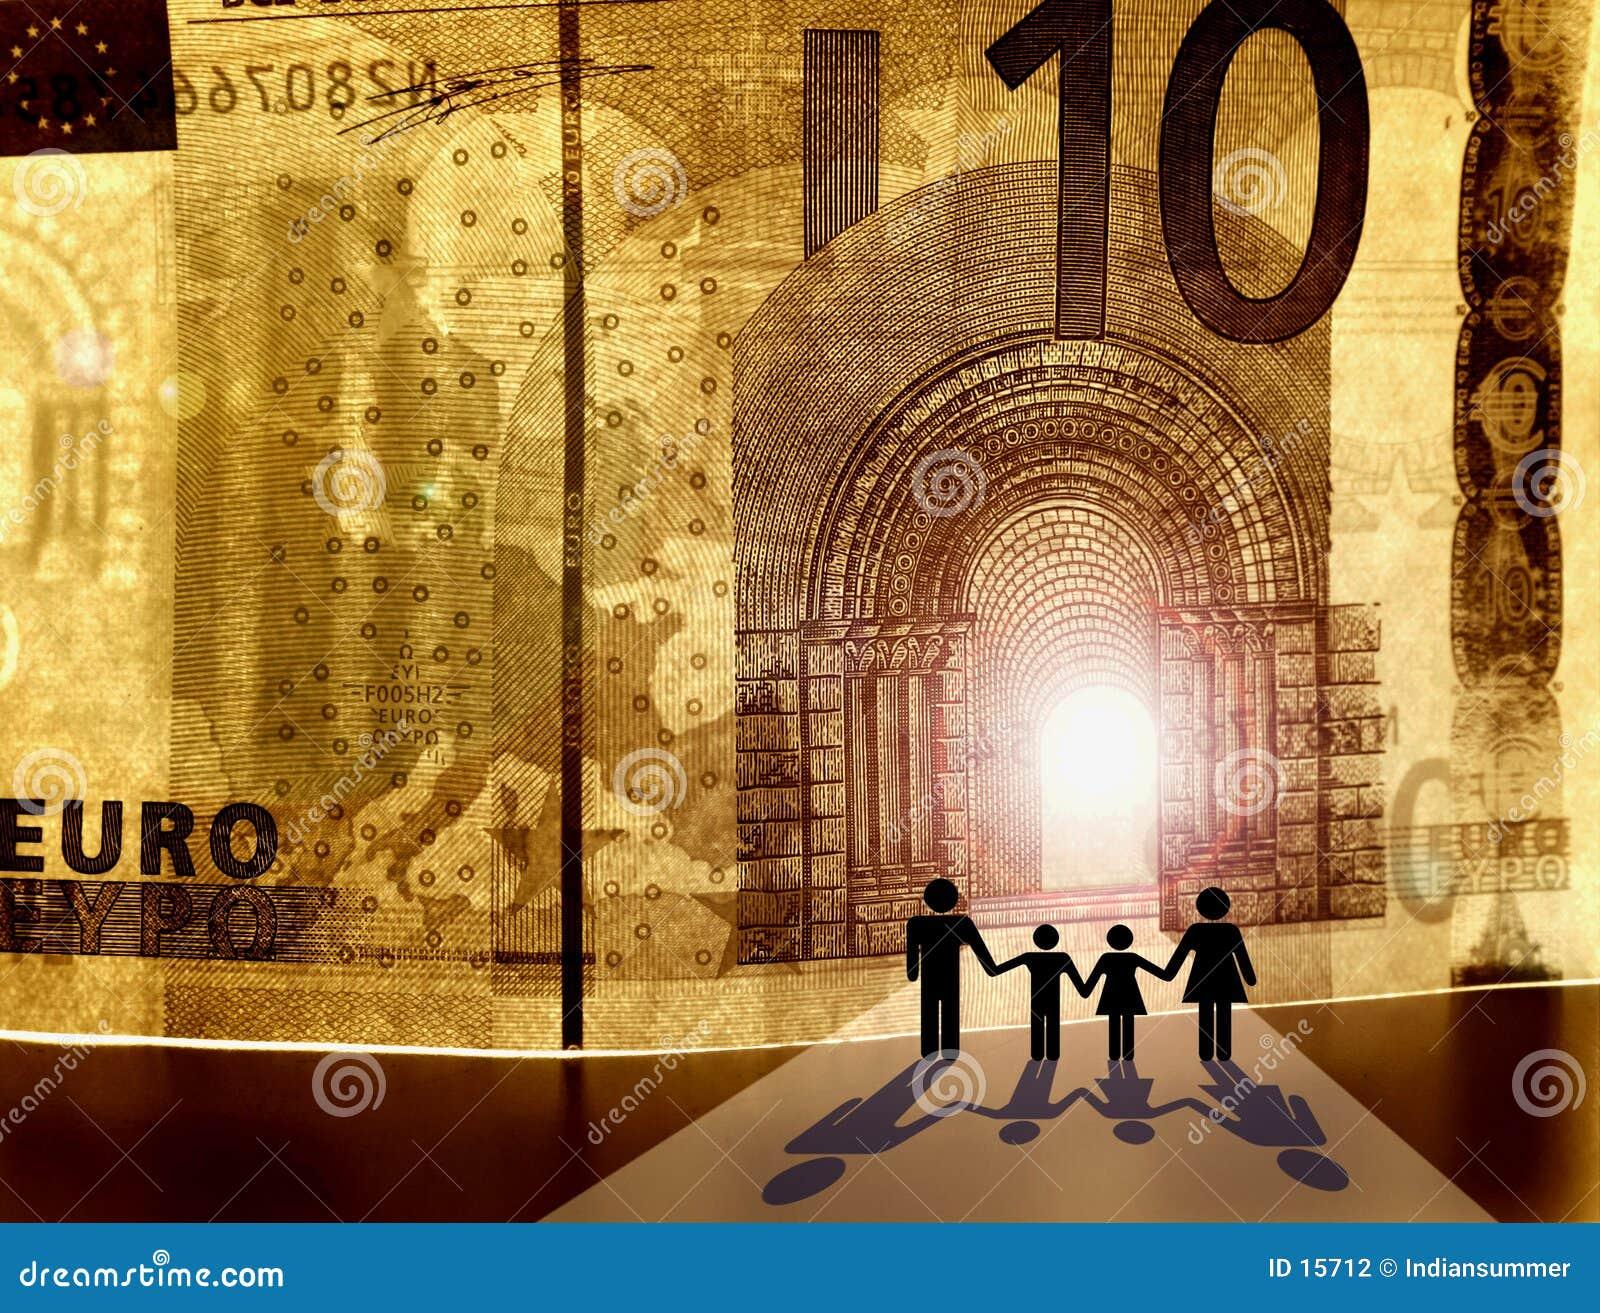 Willkommen zum Königreich des Geldes